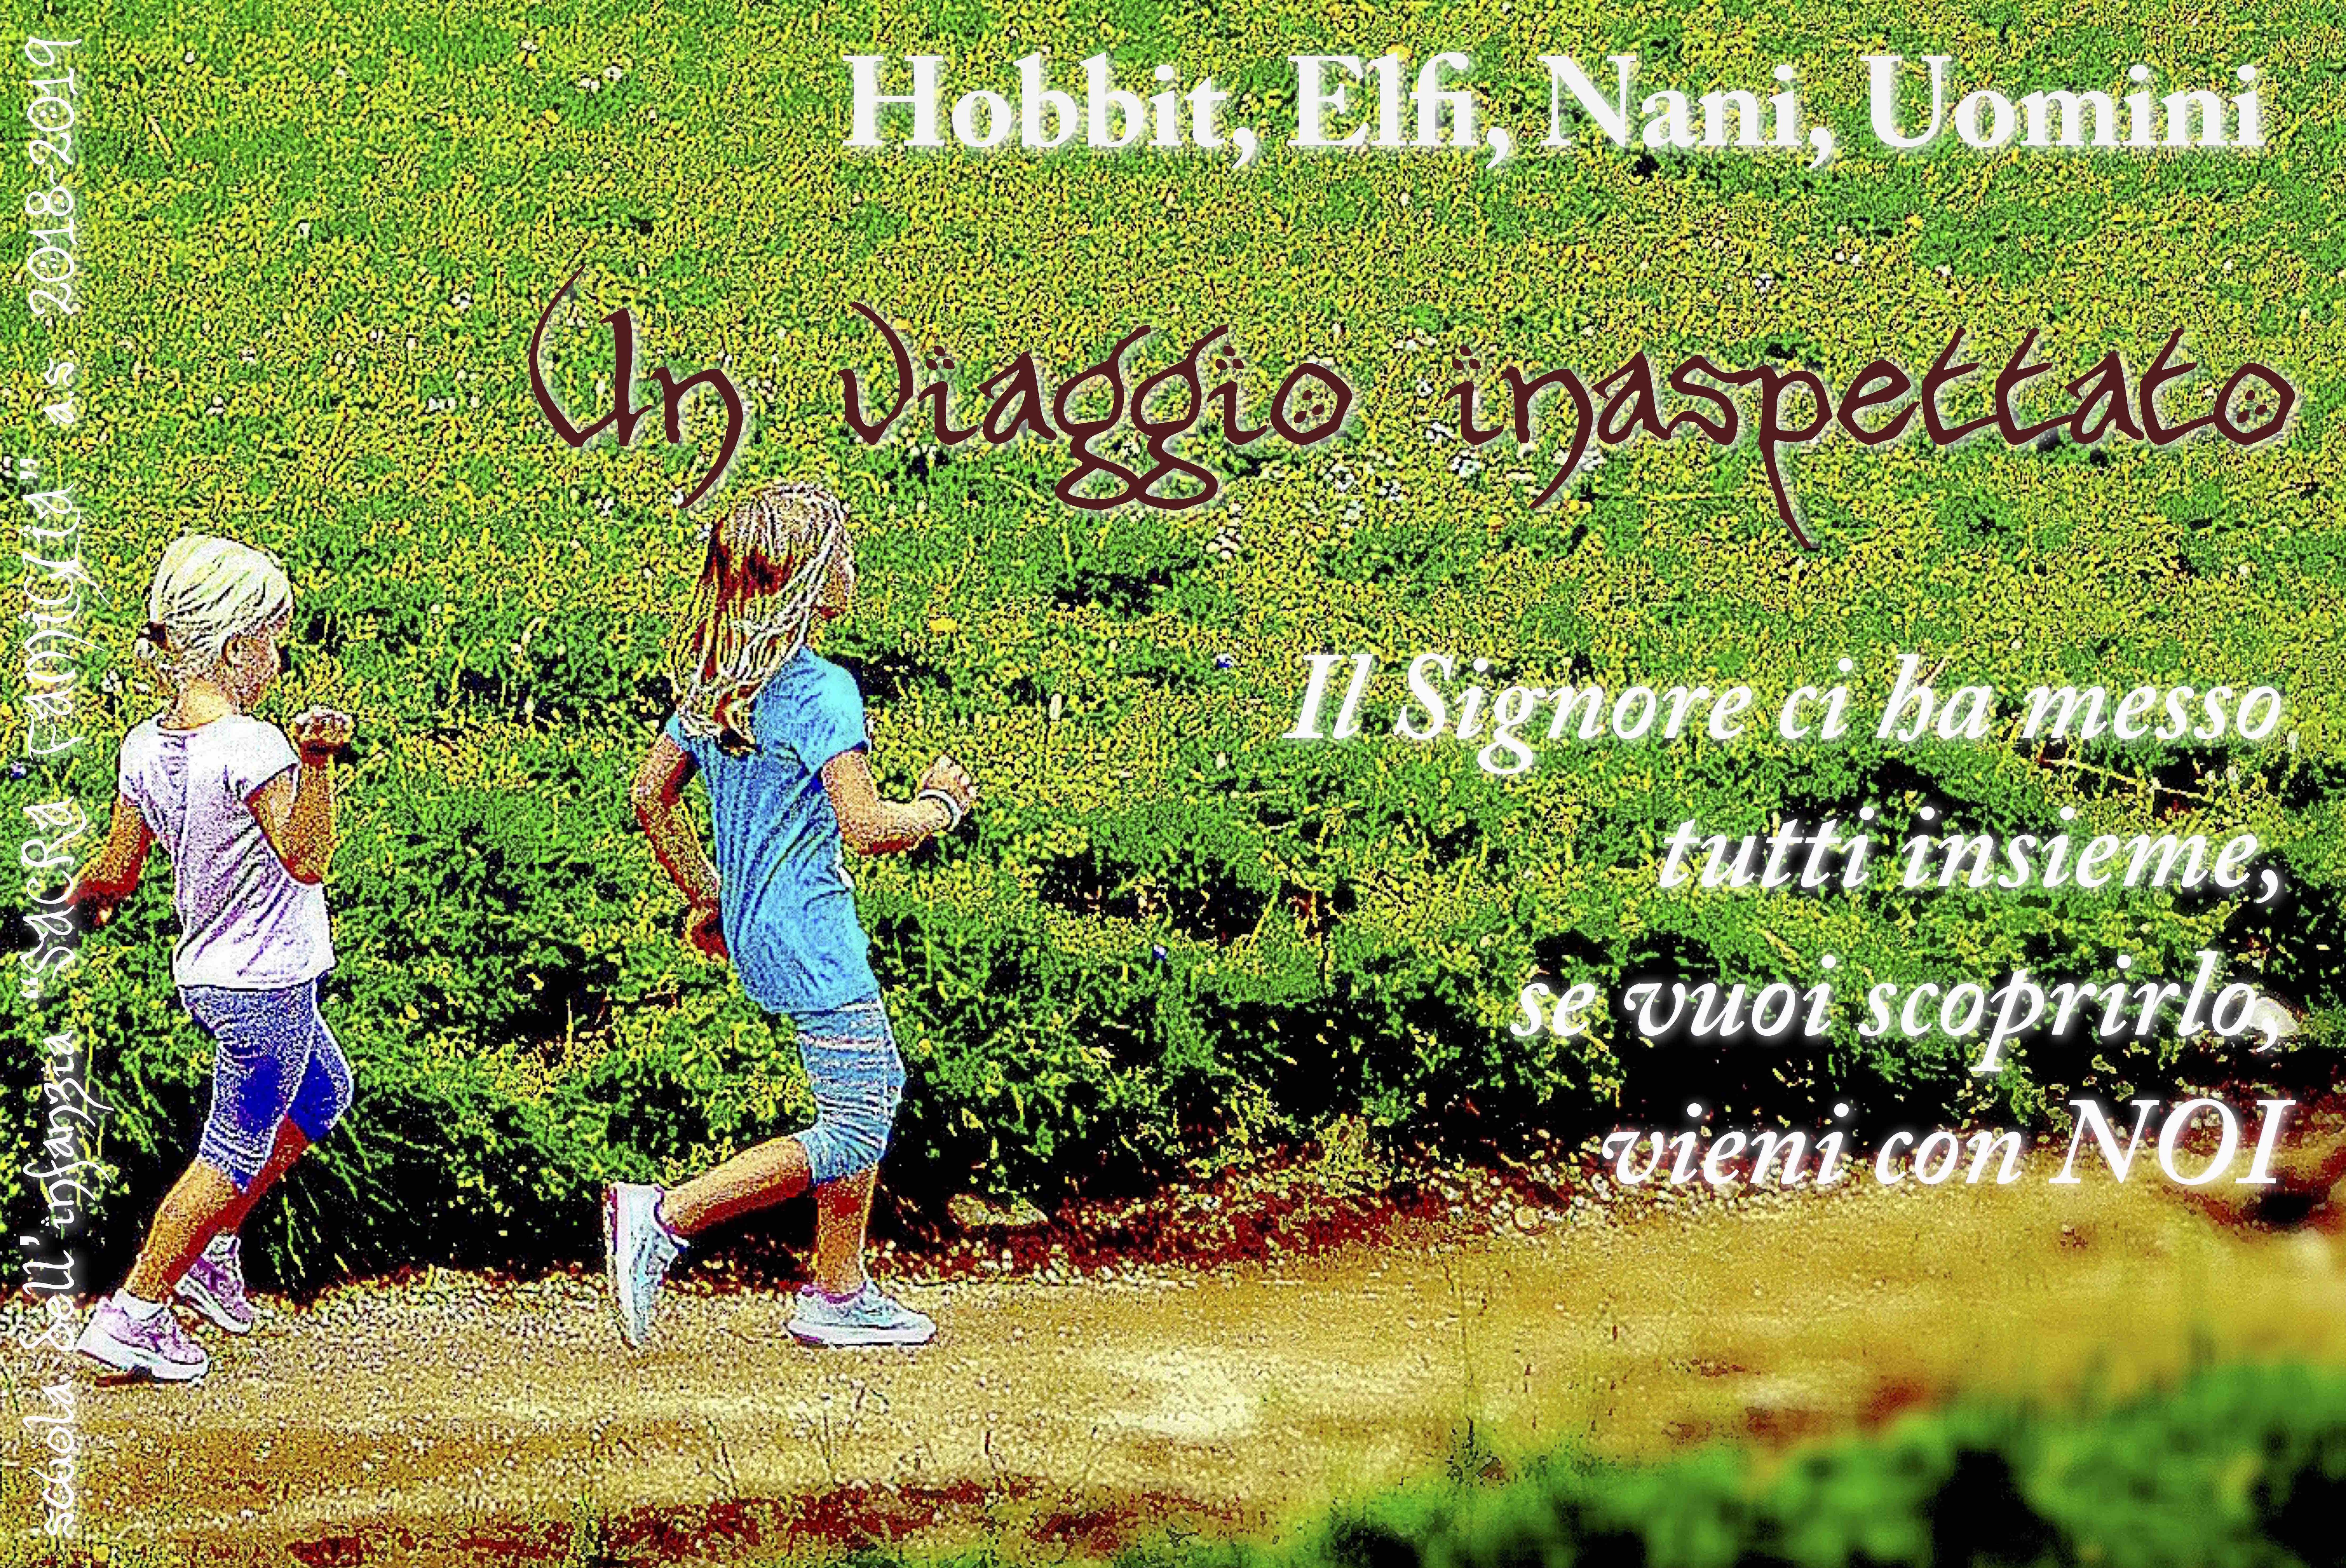 un viaggio inaspettato hobbit elfi nani uomini sacra famiglia